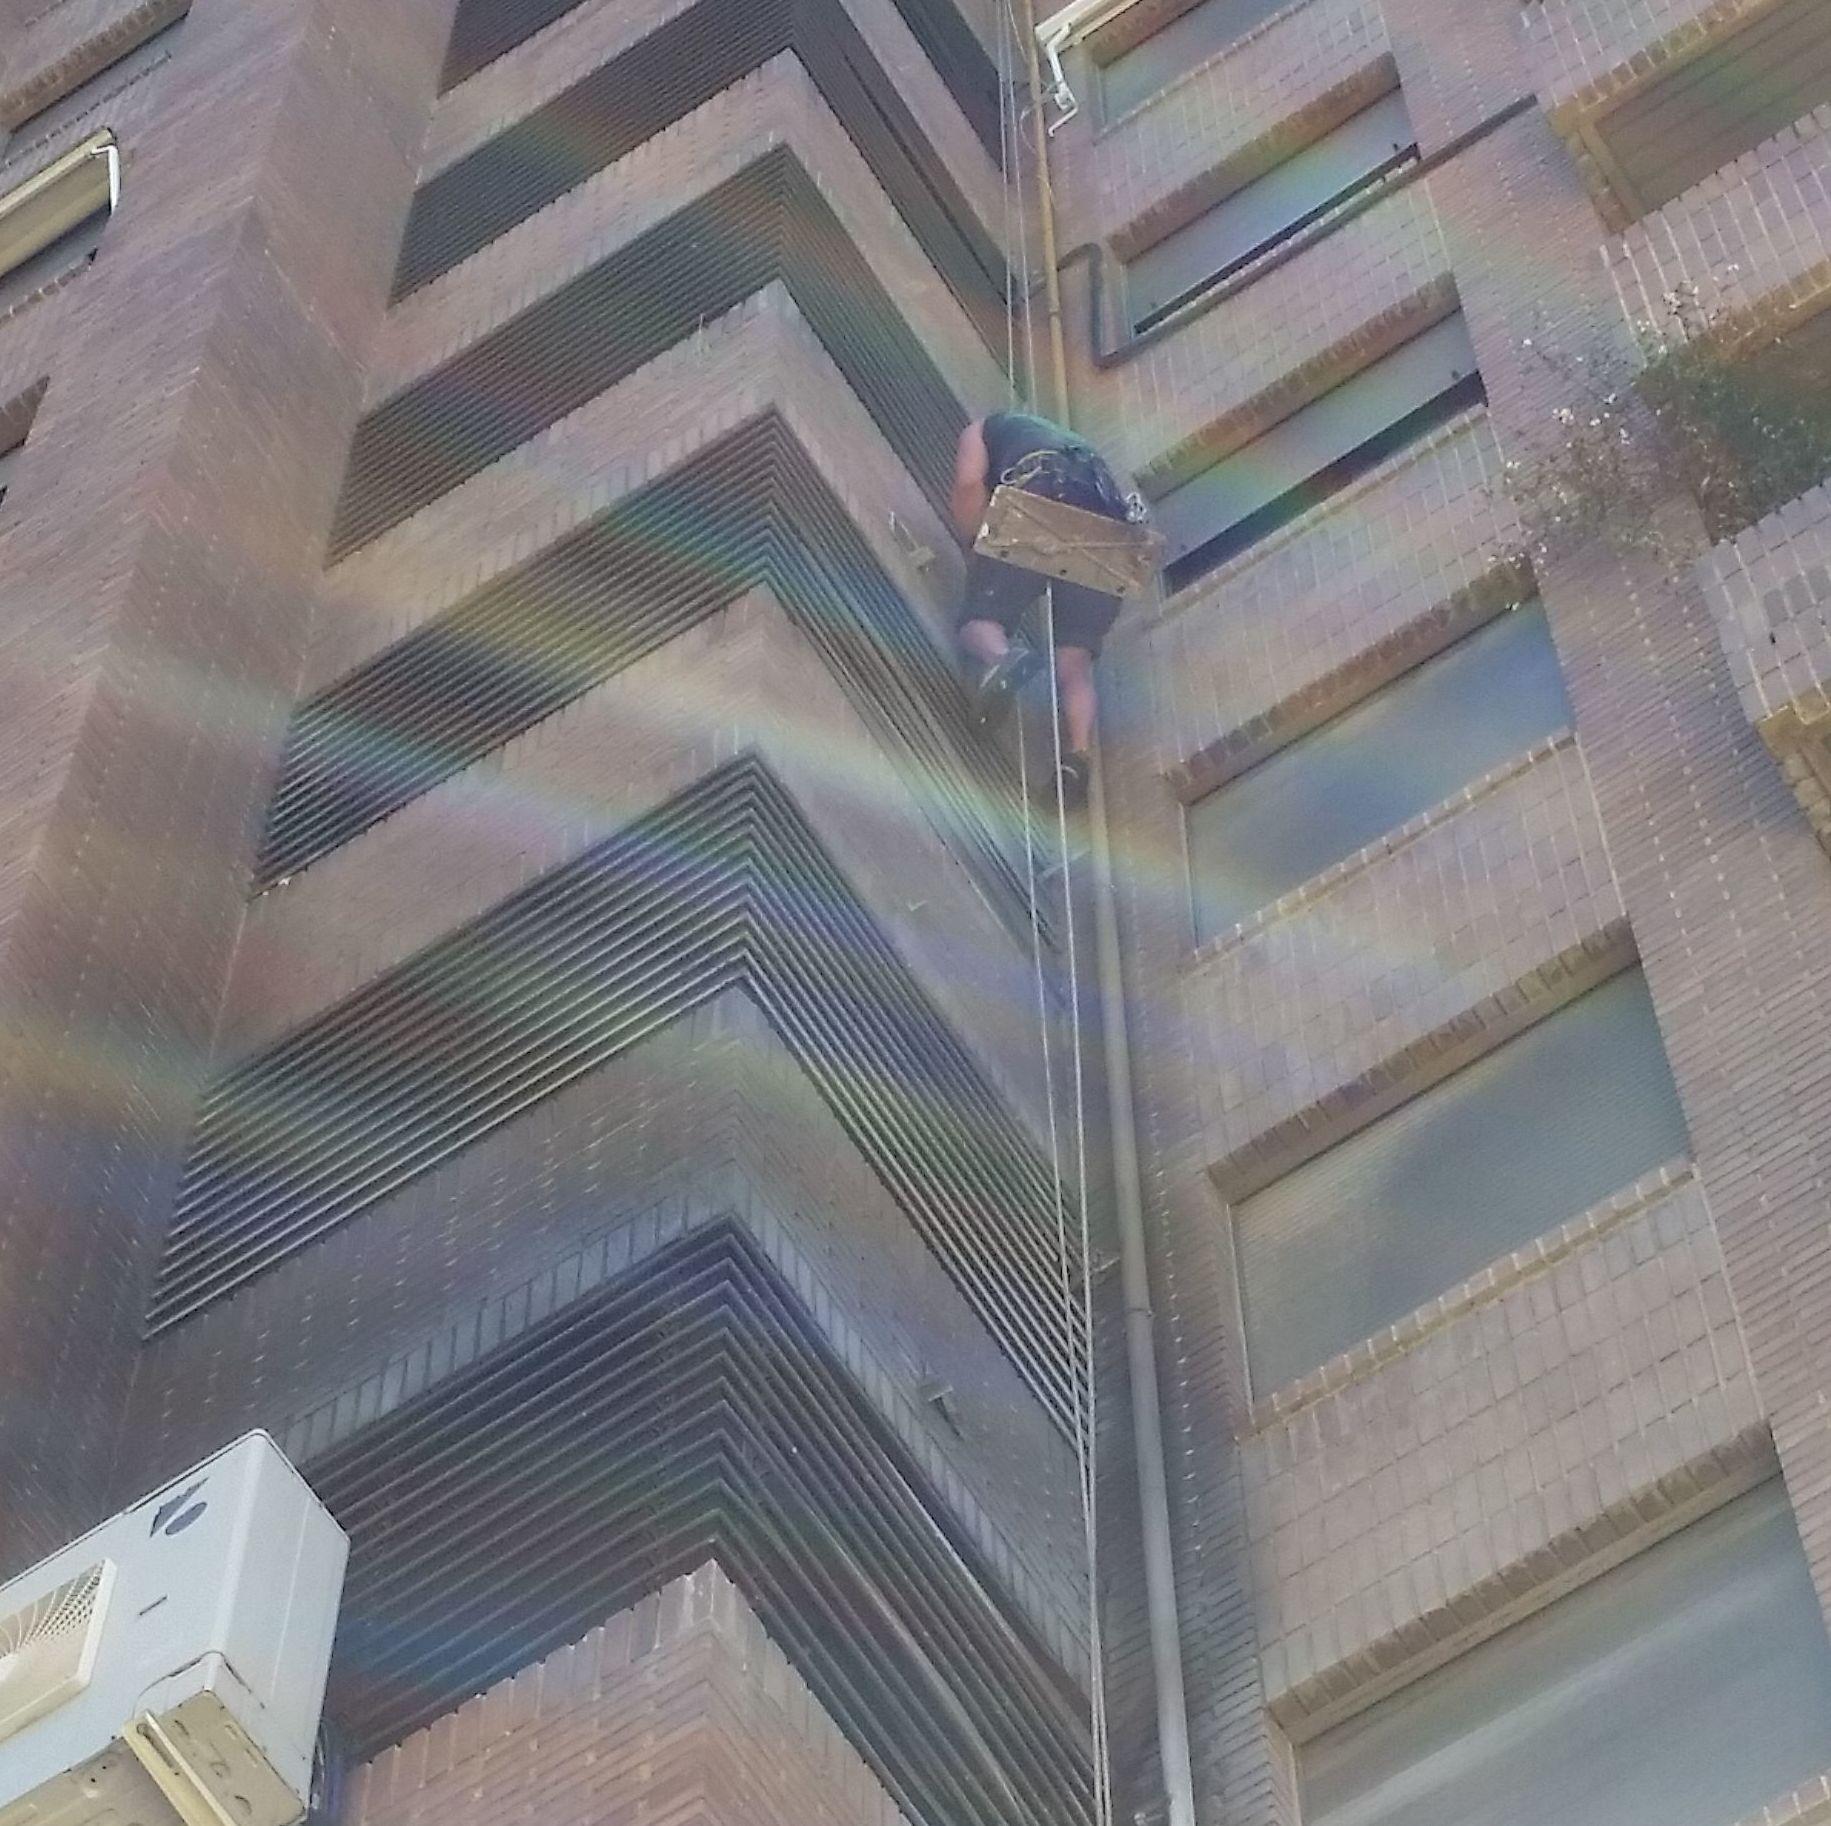 Limpieza de fachada y balcón por siniestro producido por un incendio